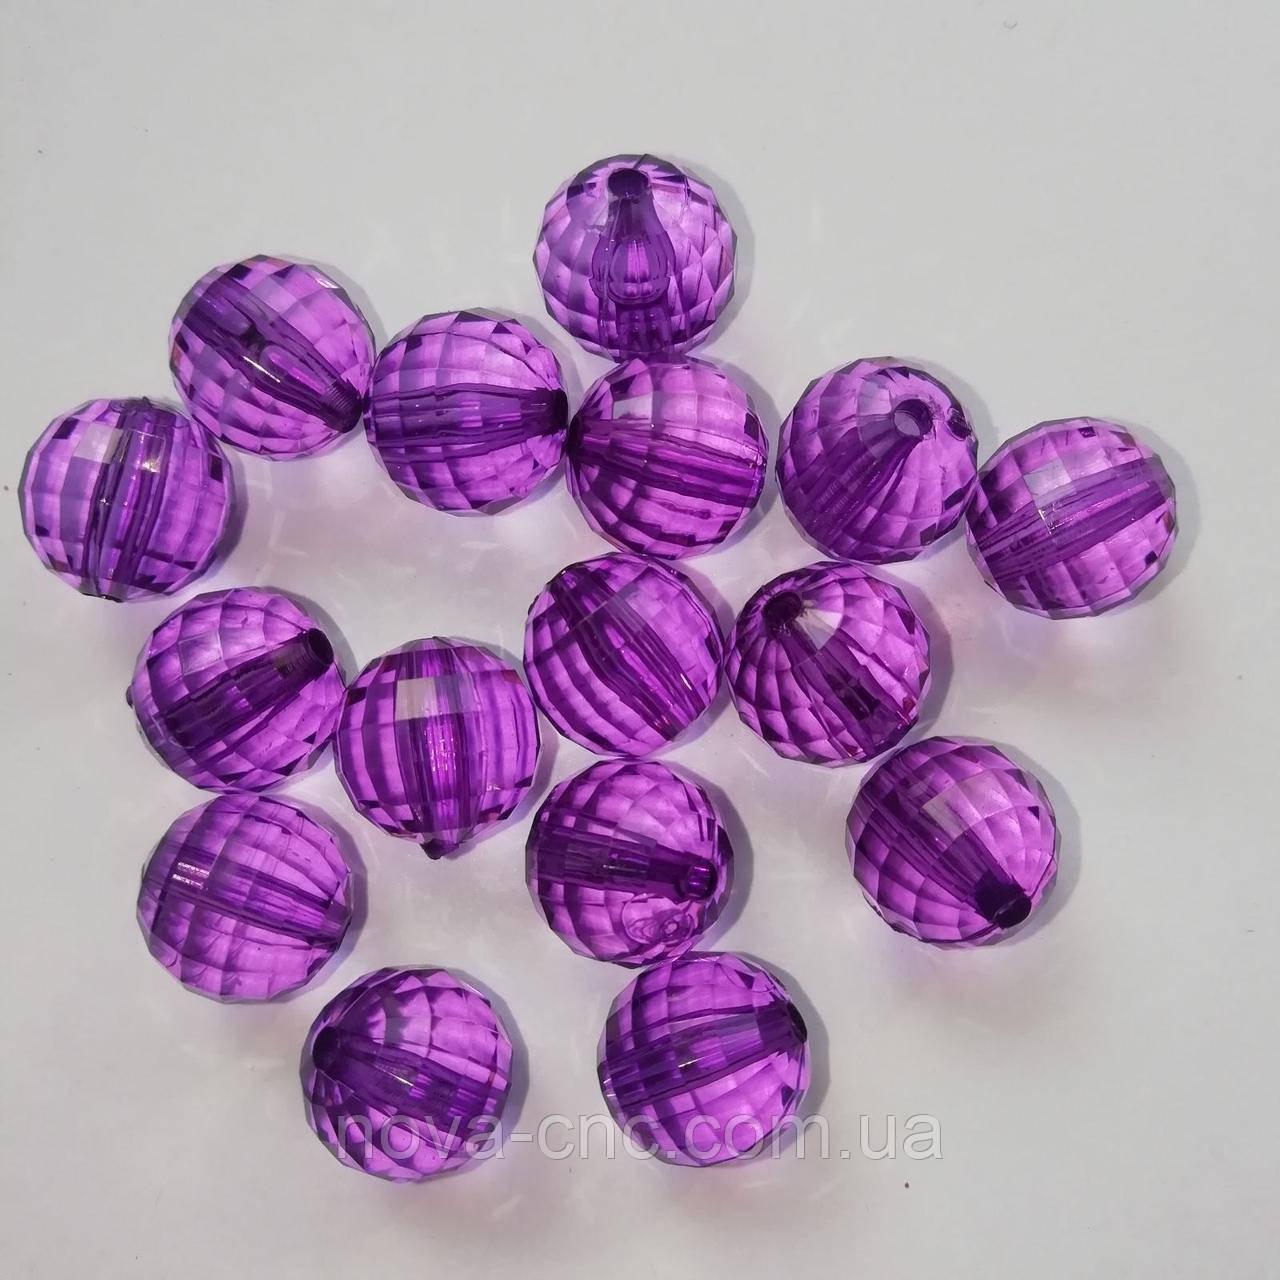 """Бусины акрил """"Шар грани"""" фиолетовый 12 мм 500 грамм"""